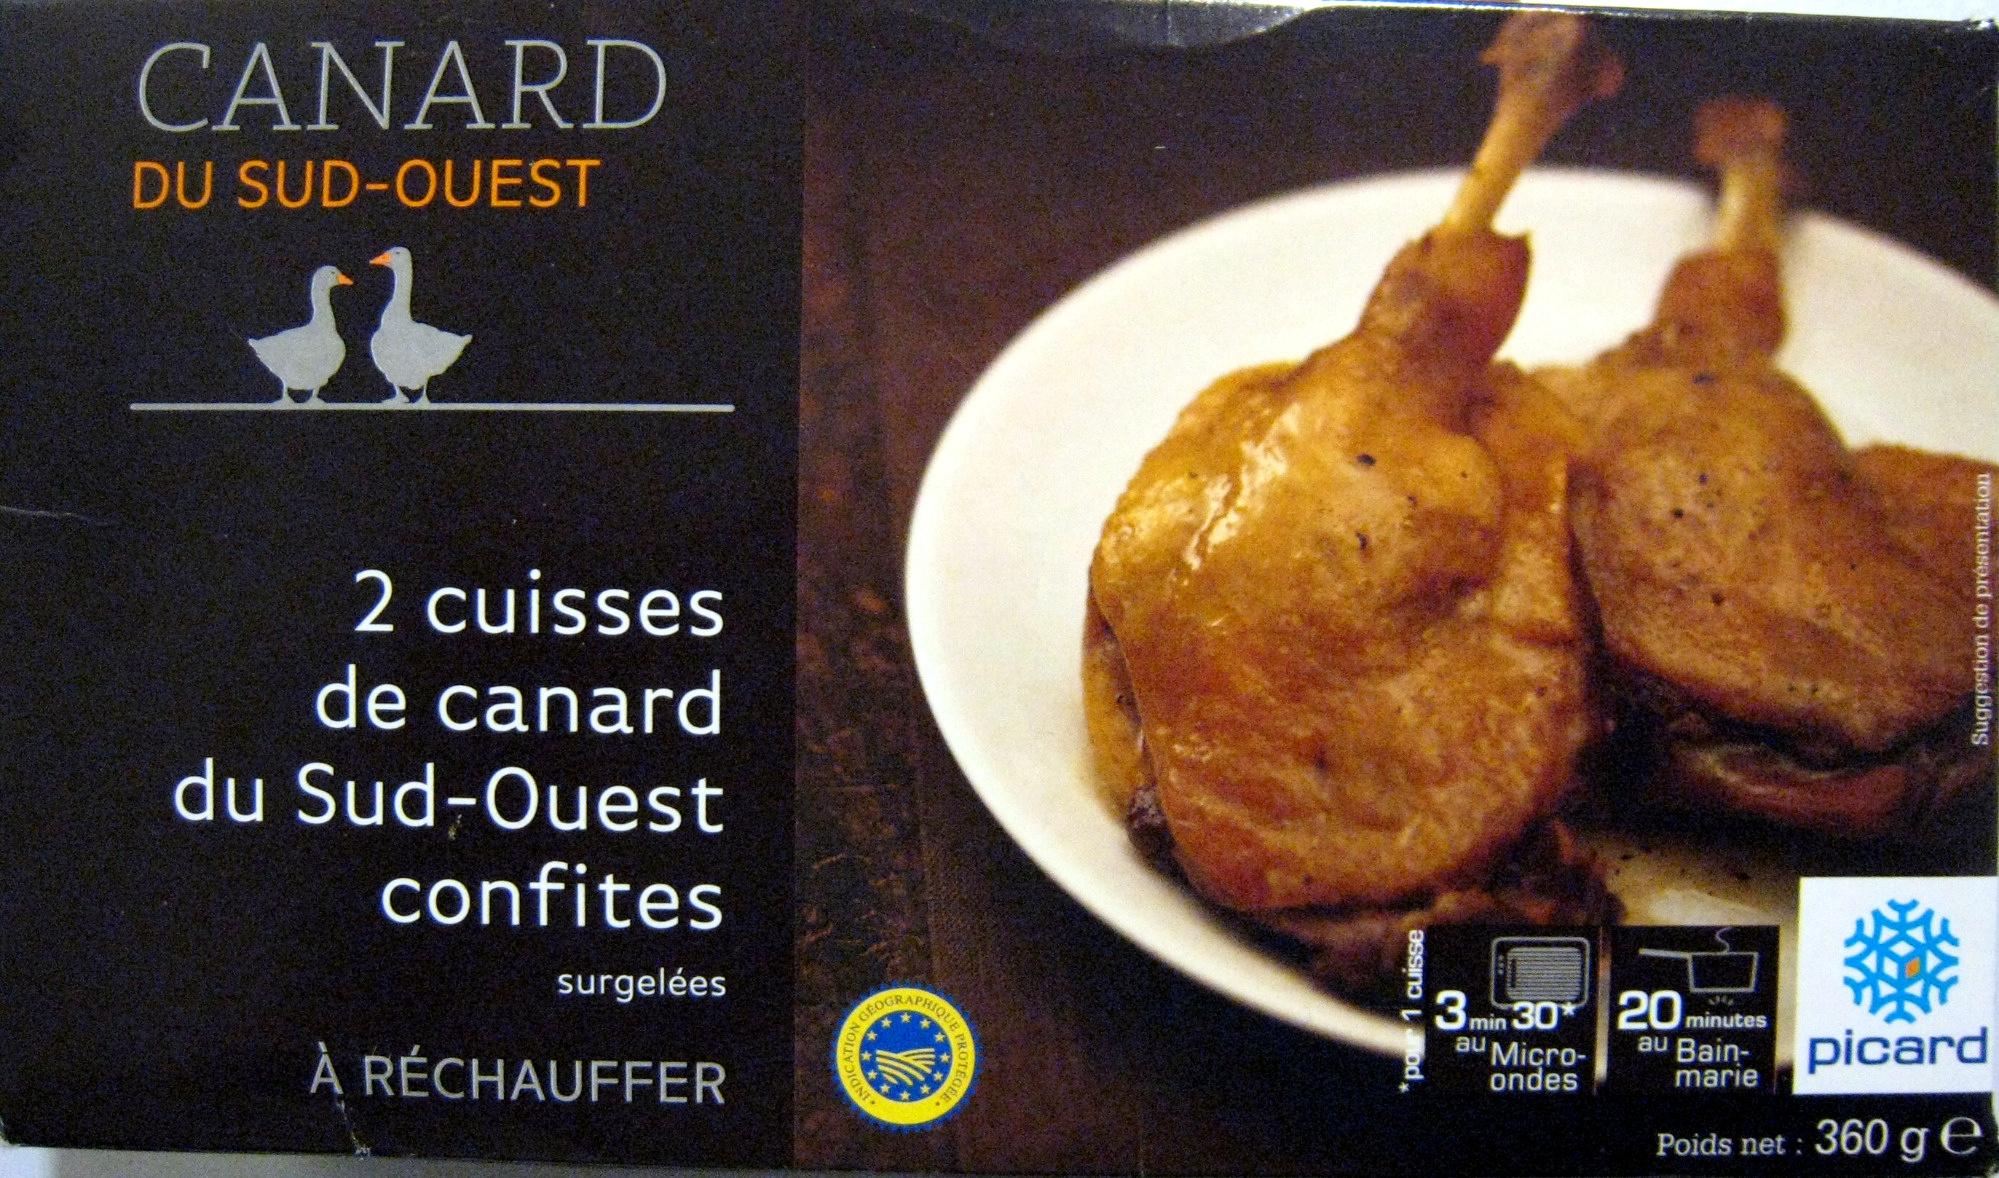 2 cuisses de canard du Sud-Ouest confites surgelées - Produit - fr